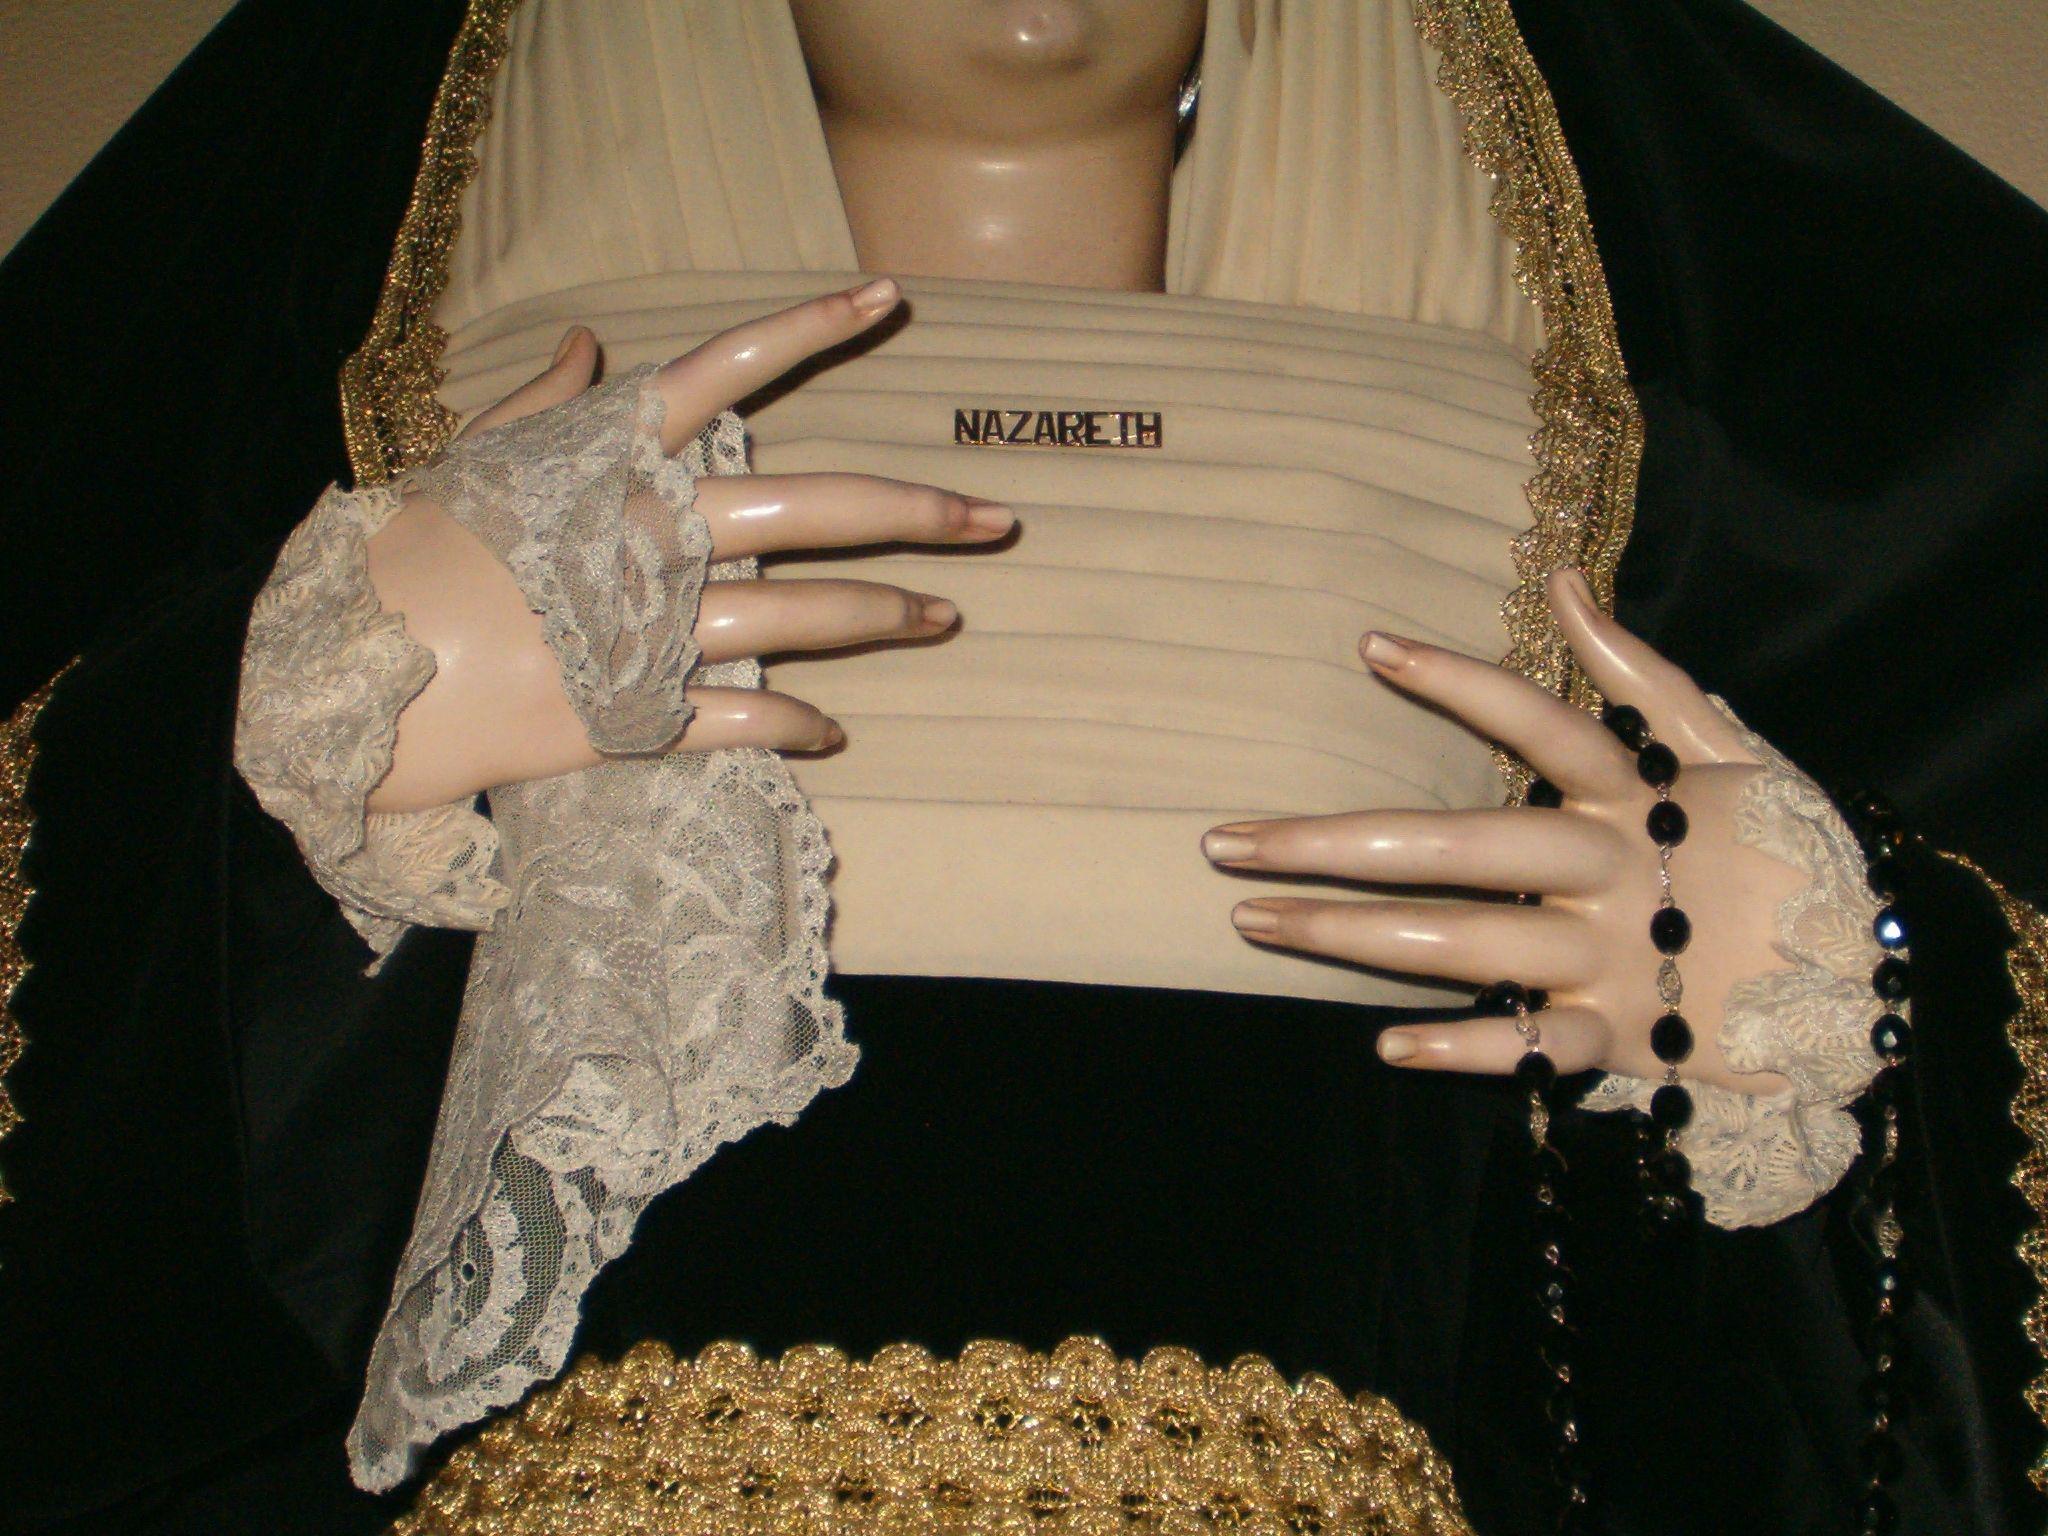 detalle de la imagen de la virgen de nazareth